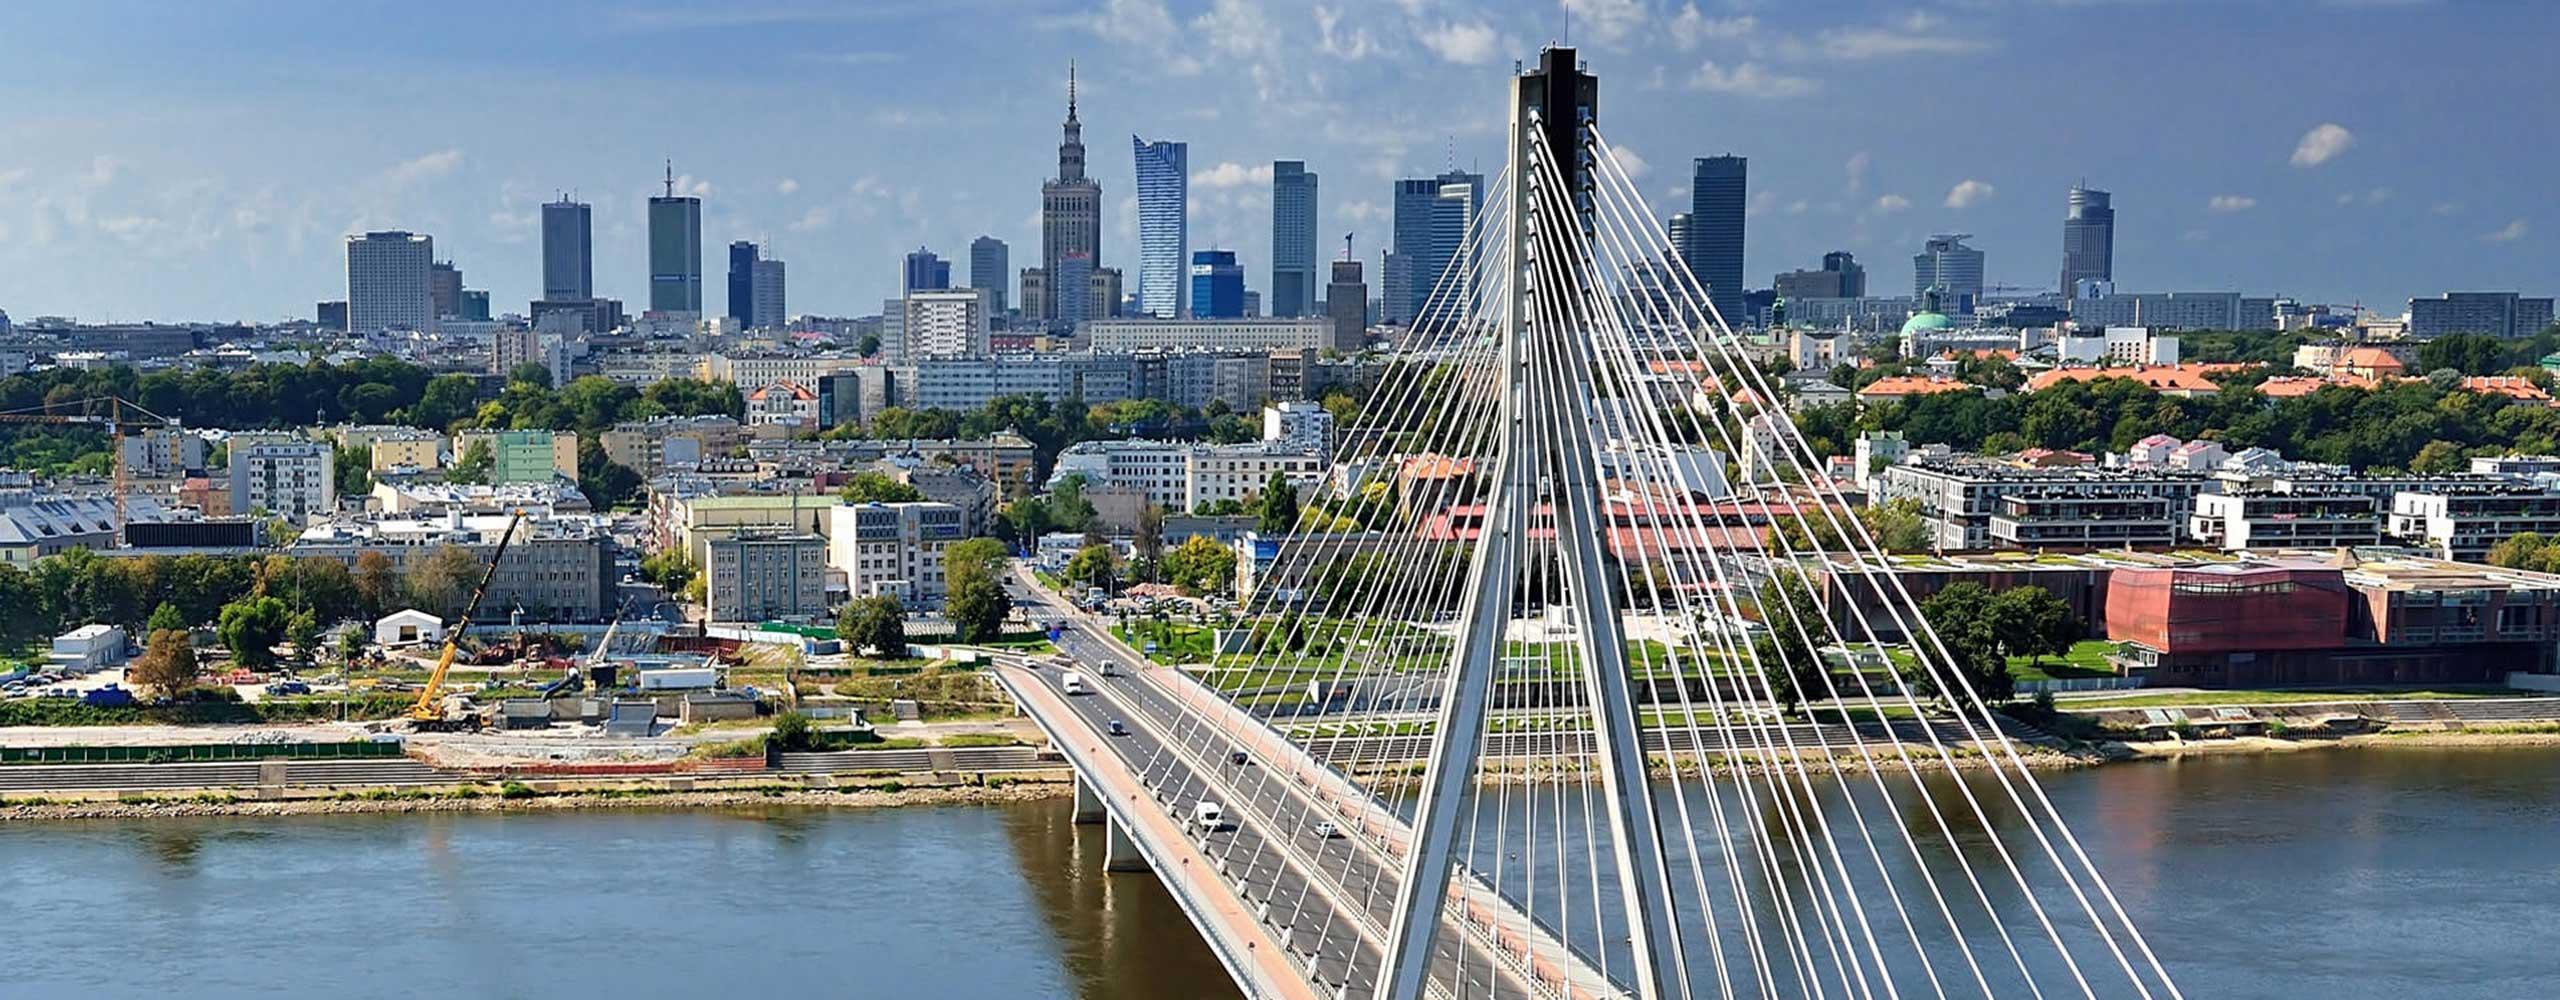 Warschauer Brücke vor Skyline von Düsseldorf